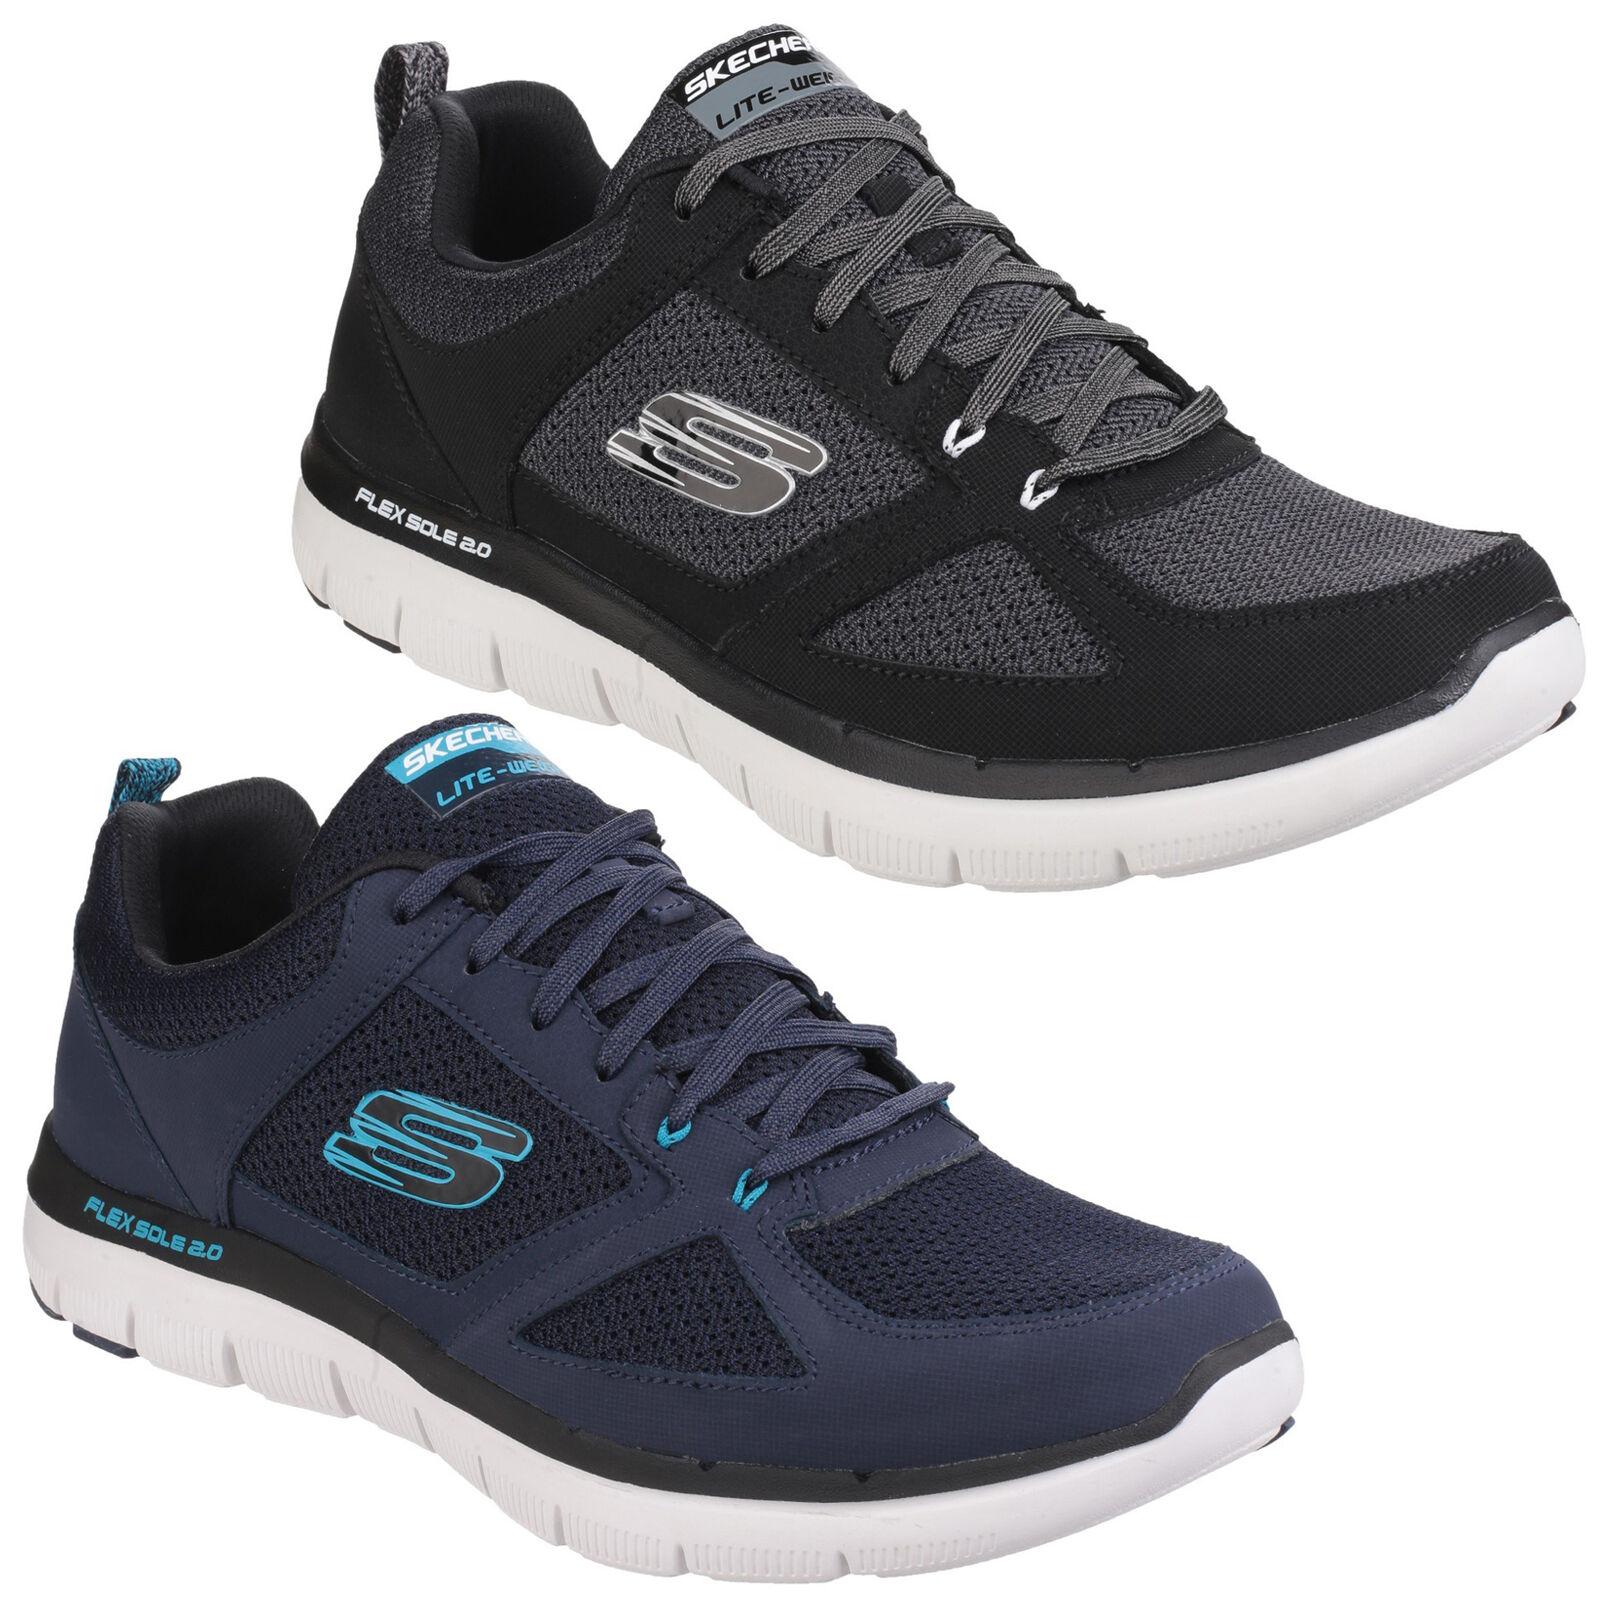 Skechers Flex Advantage 2.0 Mens Athletic Memory Foam Trainers shoes UK6-12